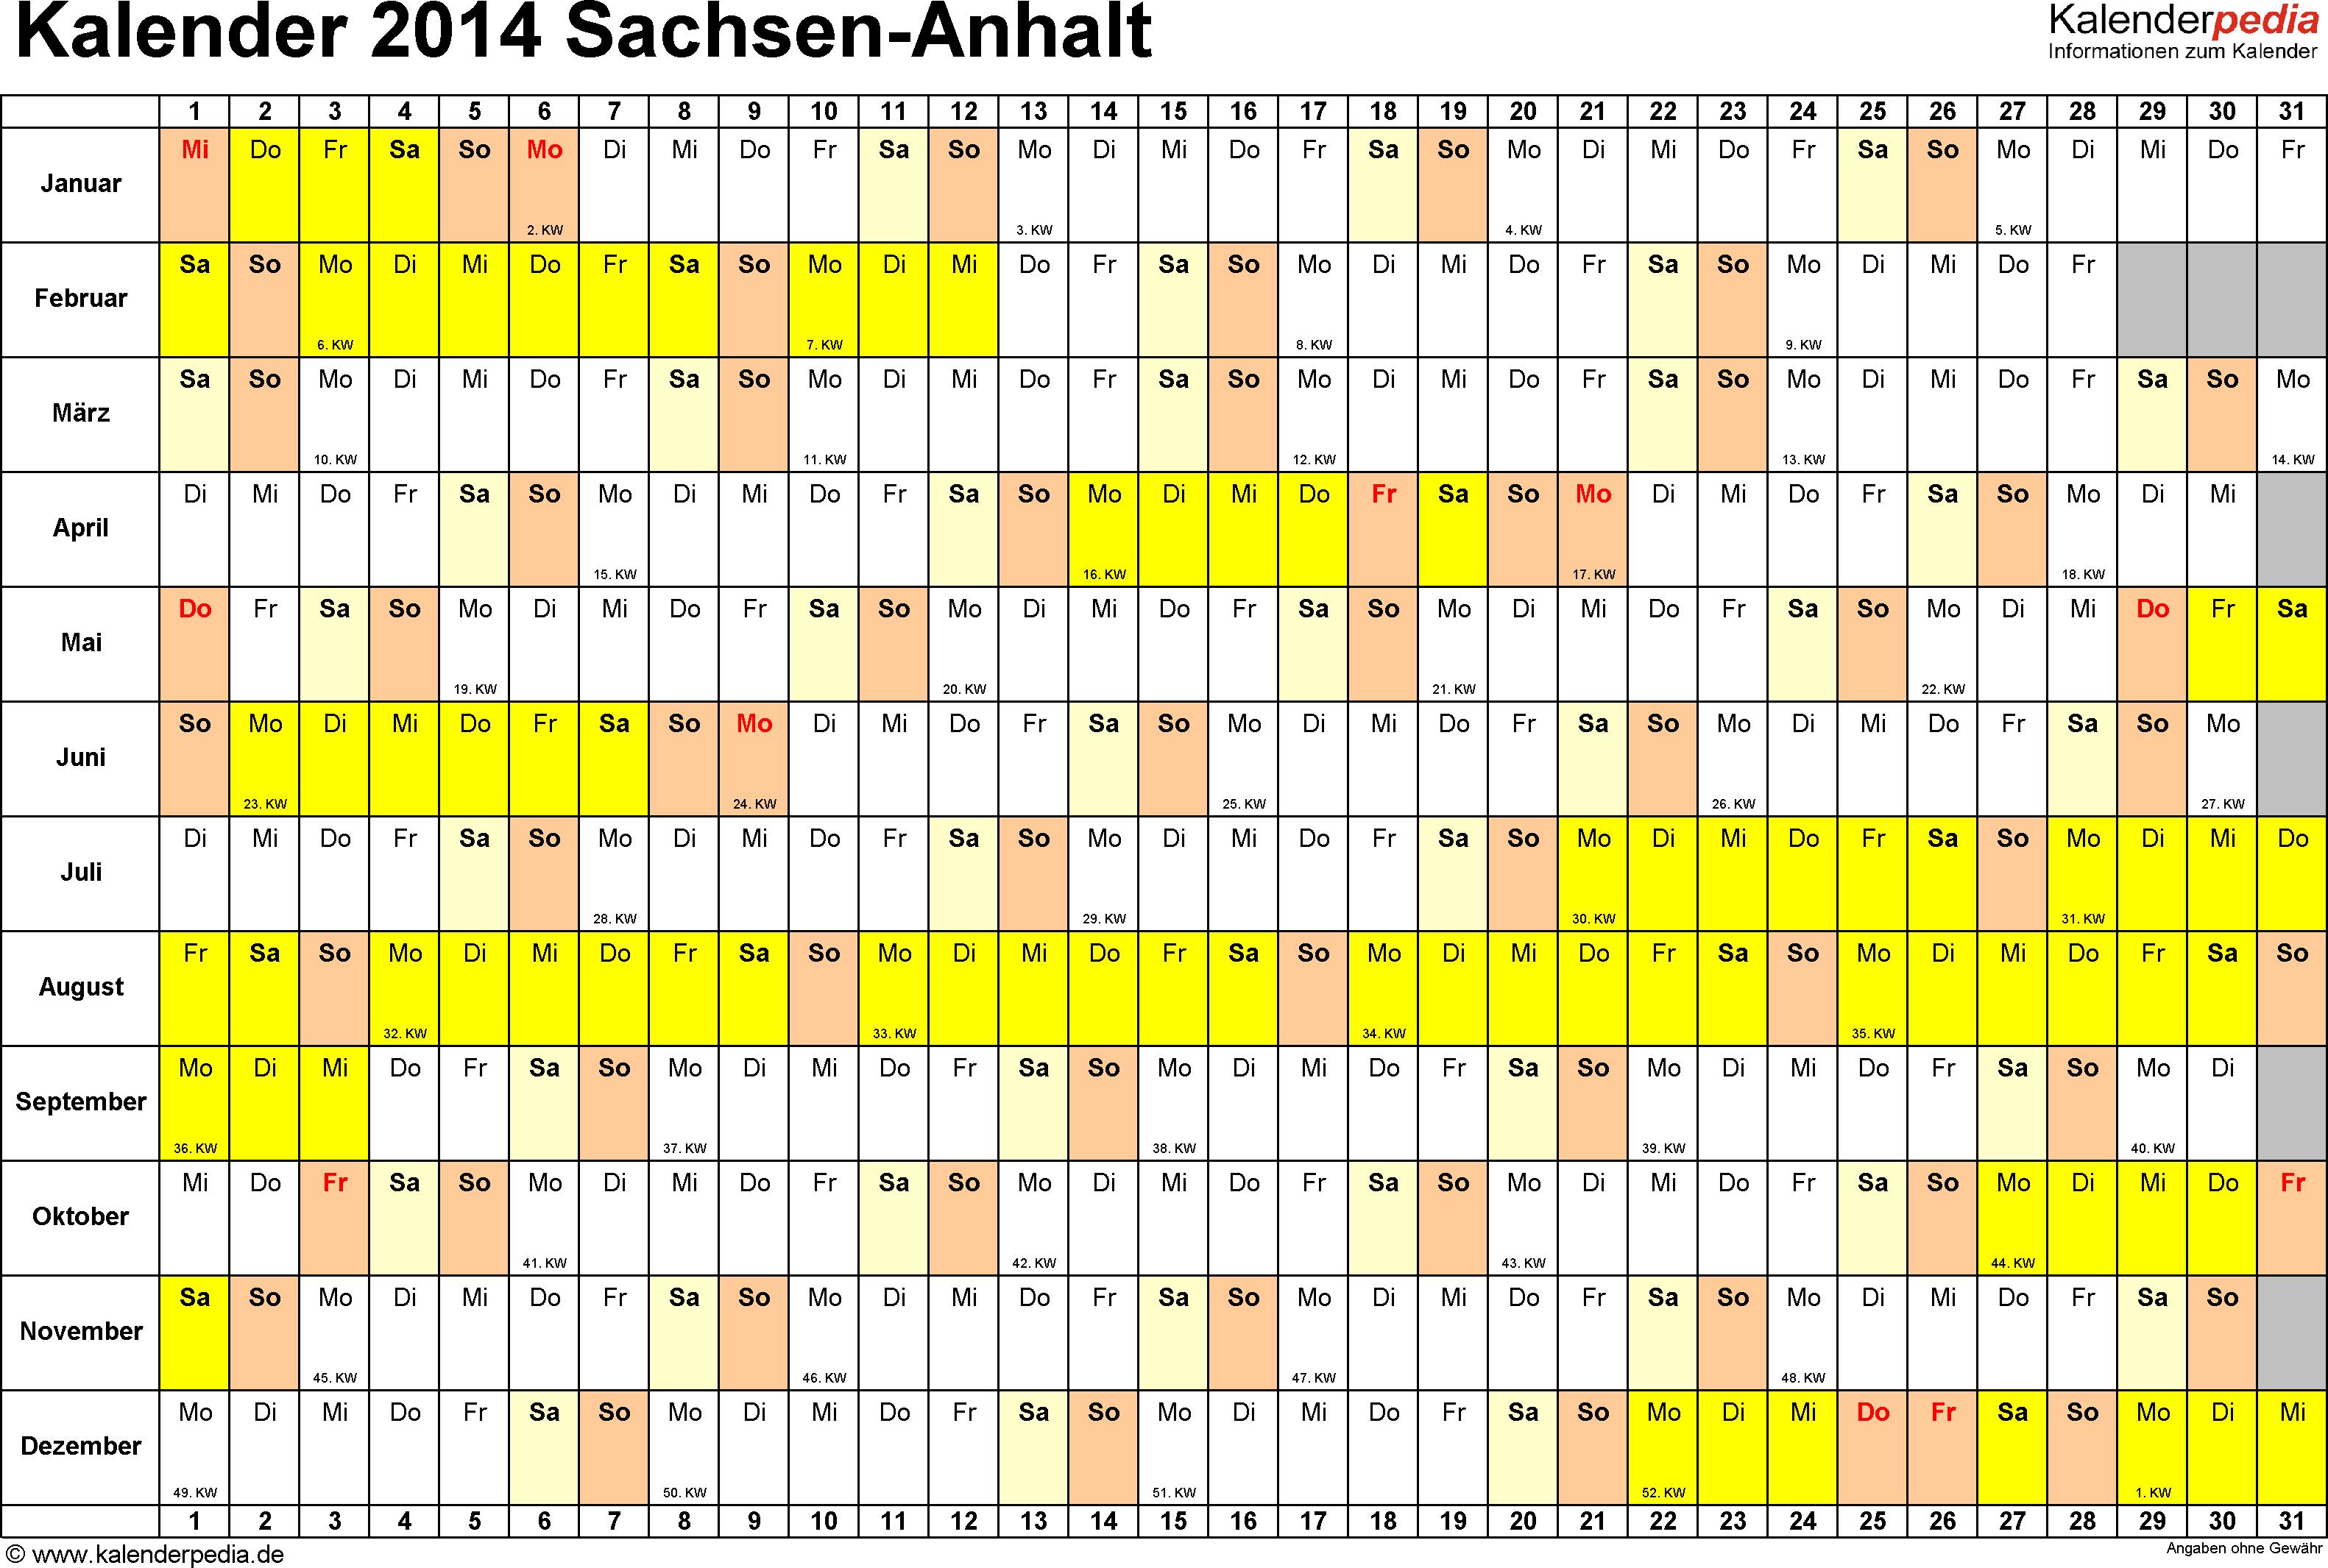 Vorlage 3: Kalender Sachsen-Anhalt 2014 im Querformat, Tage nebeneinander